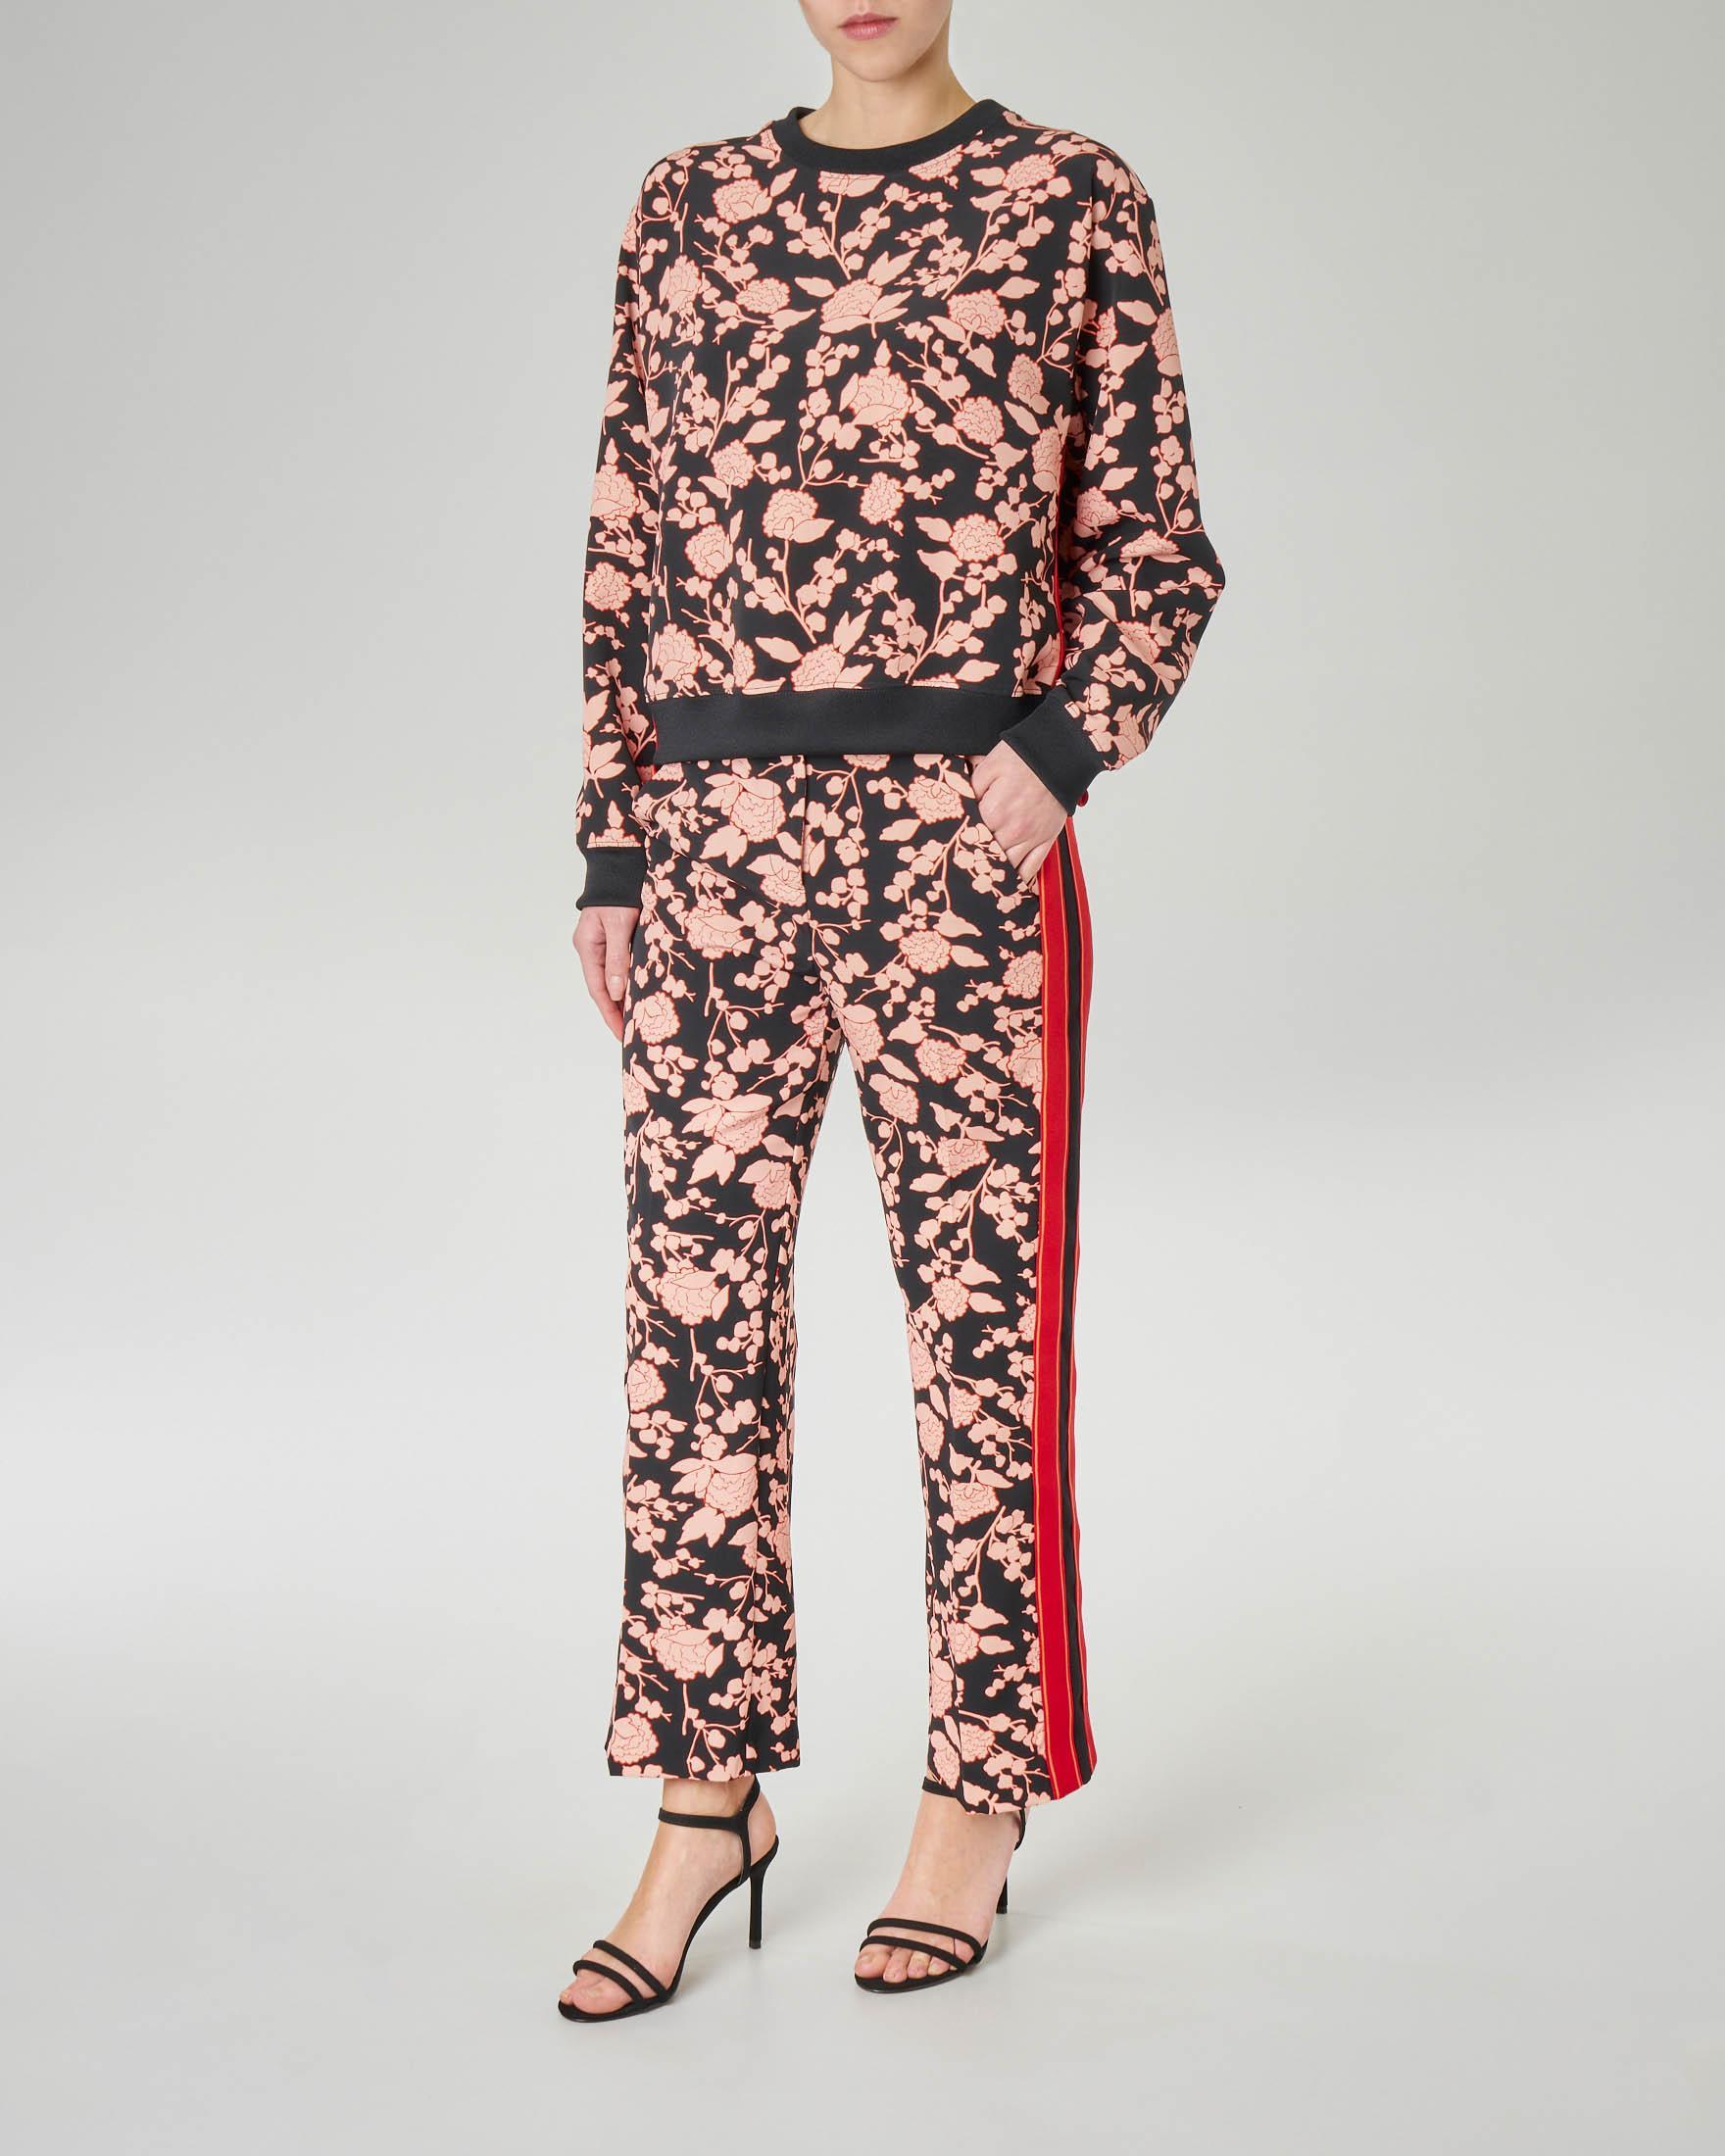 Pantalone nero dritto alla caviglia a fantasia floreale in tessuto tecnico